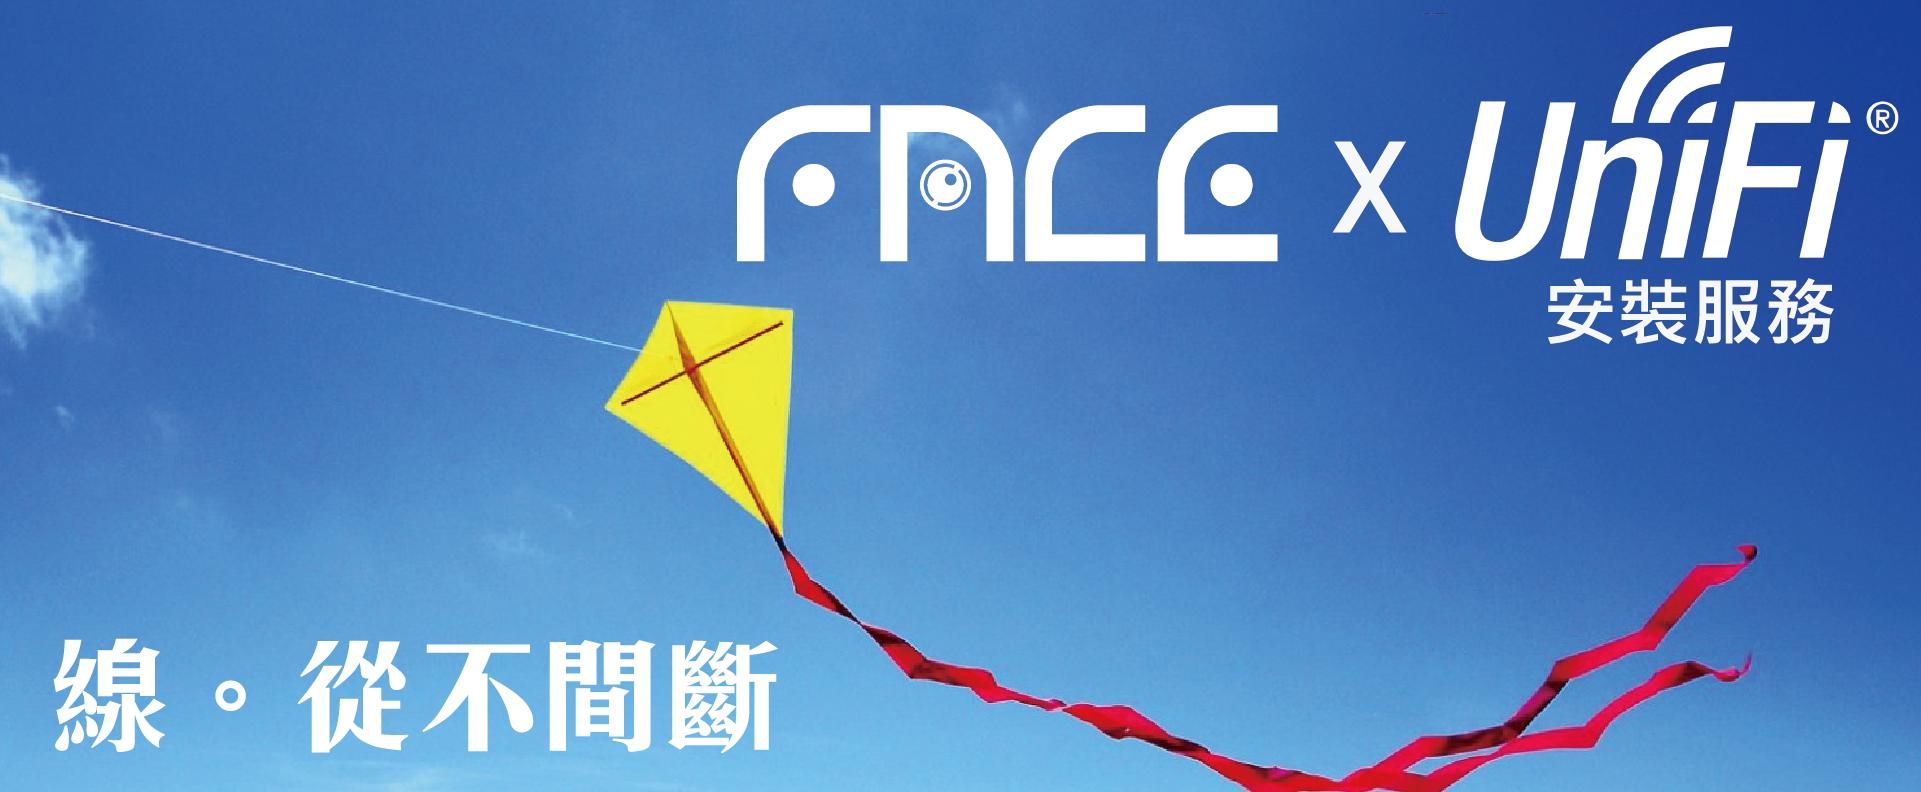 FACE X UNIFI3_Outline-01